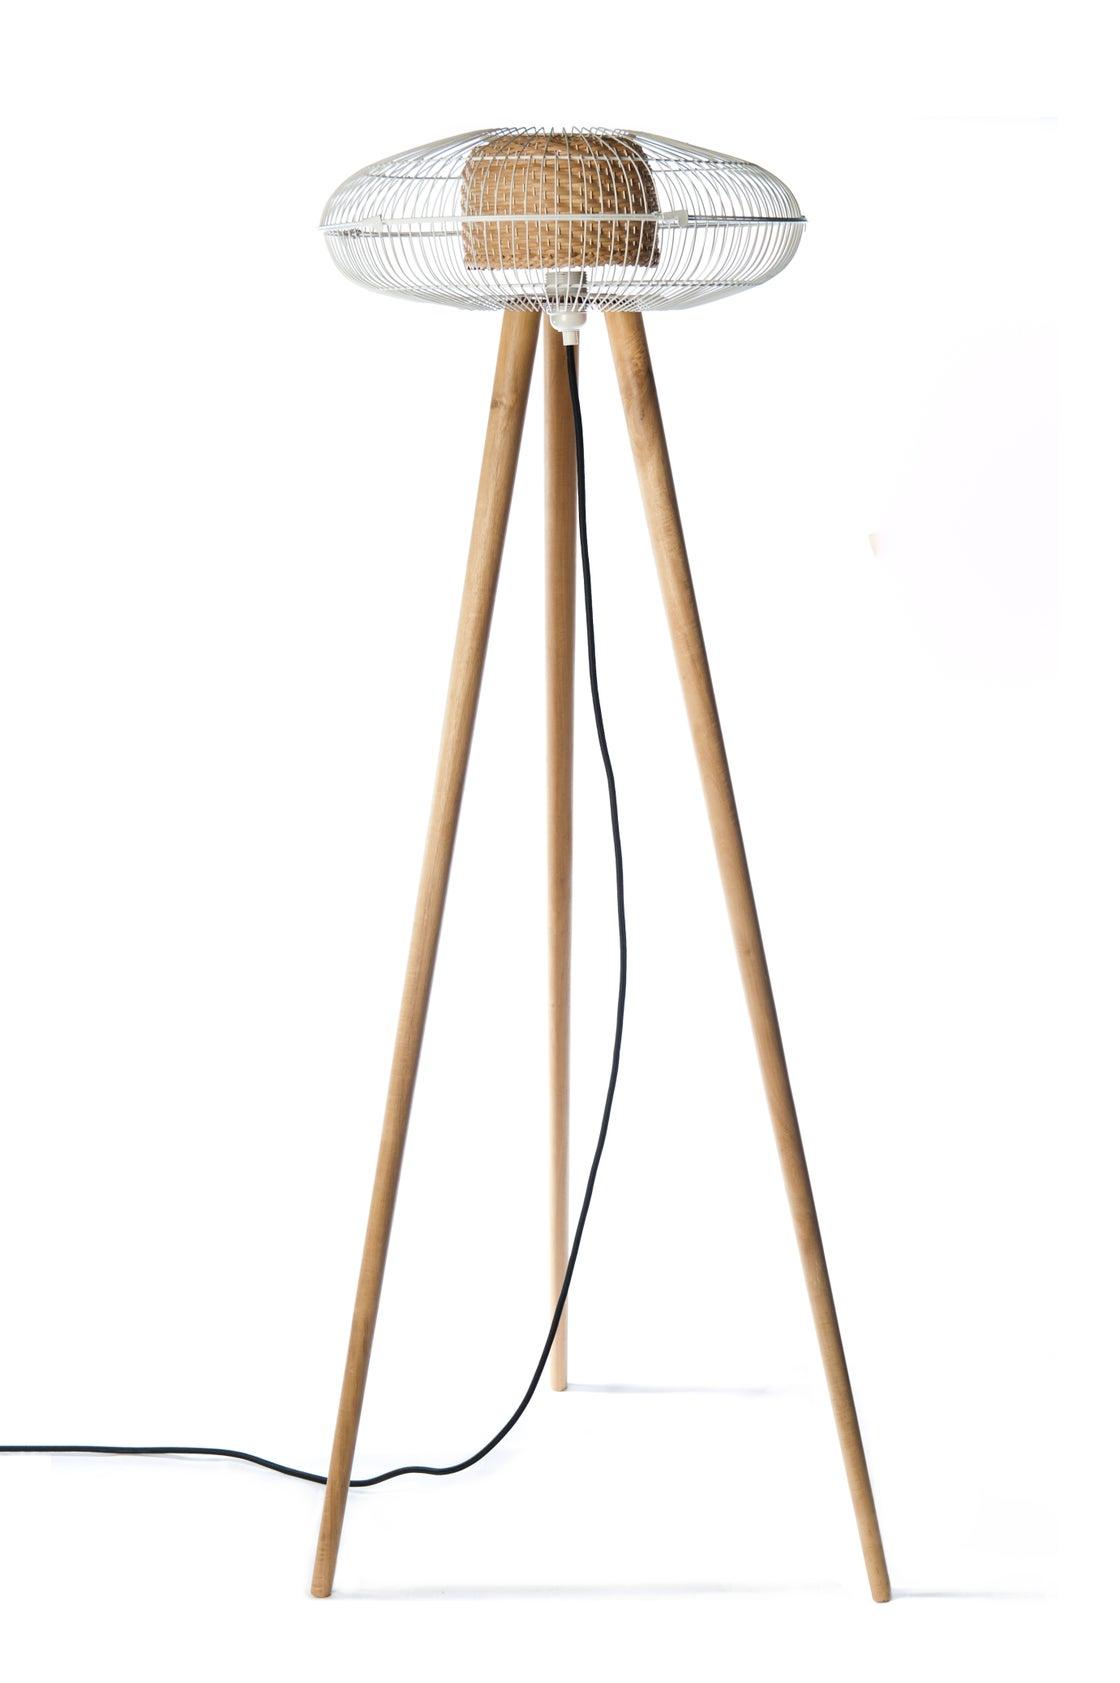 Image of FAN floor lamp~ White